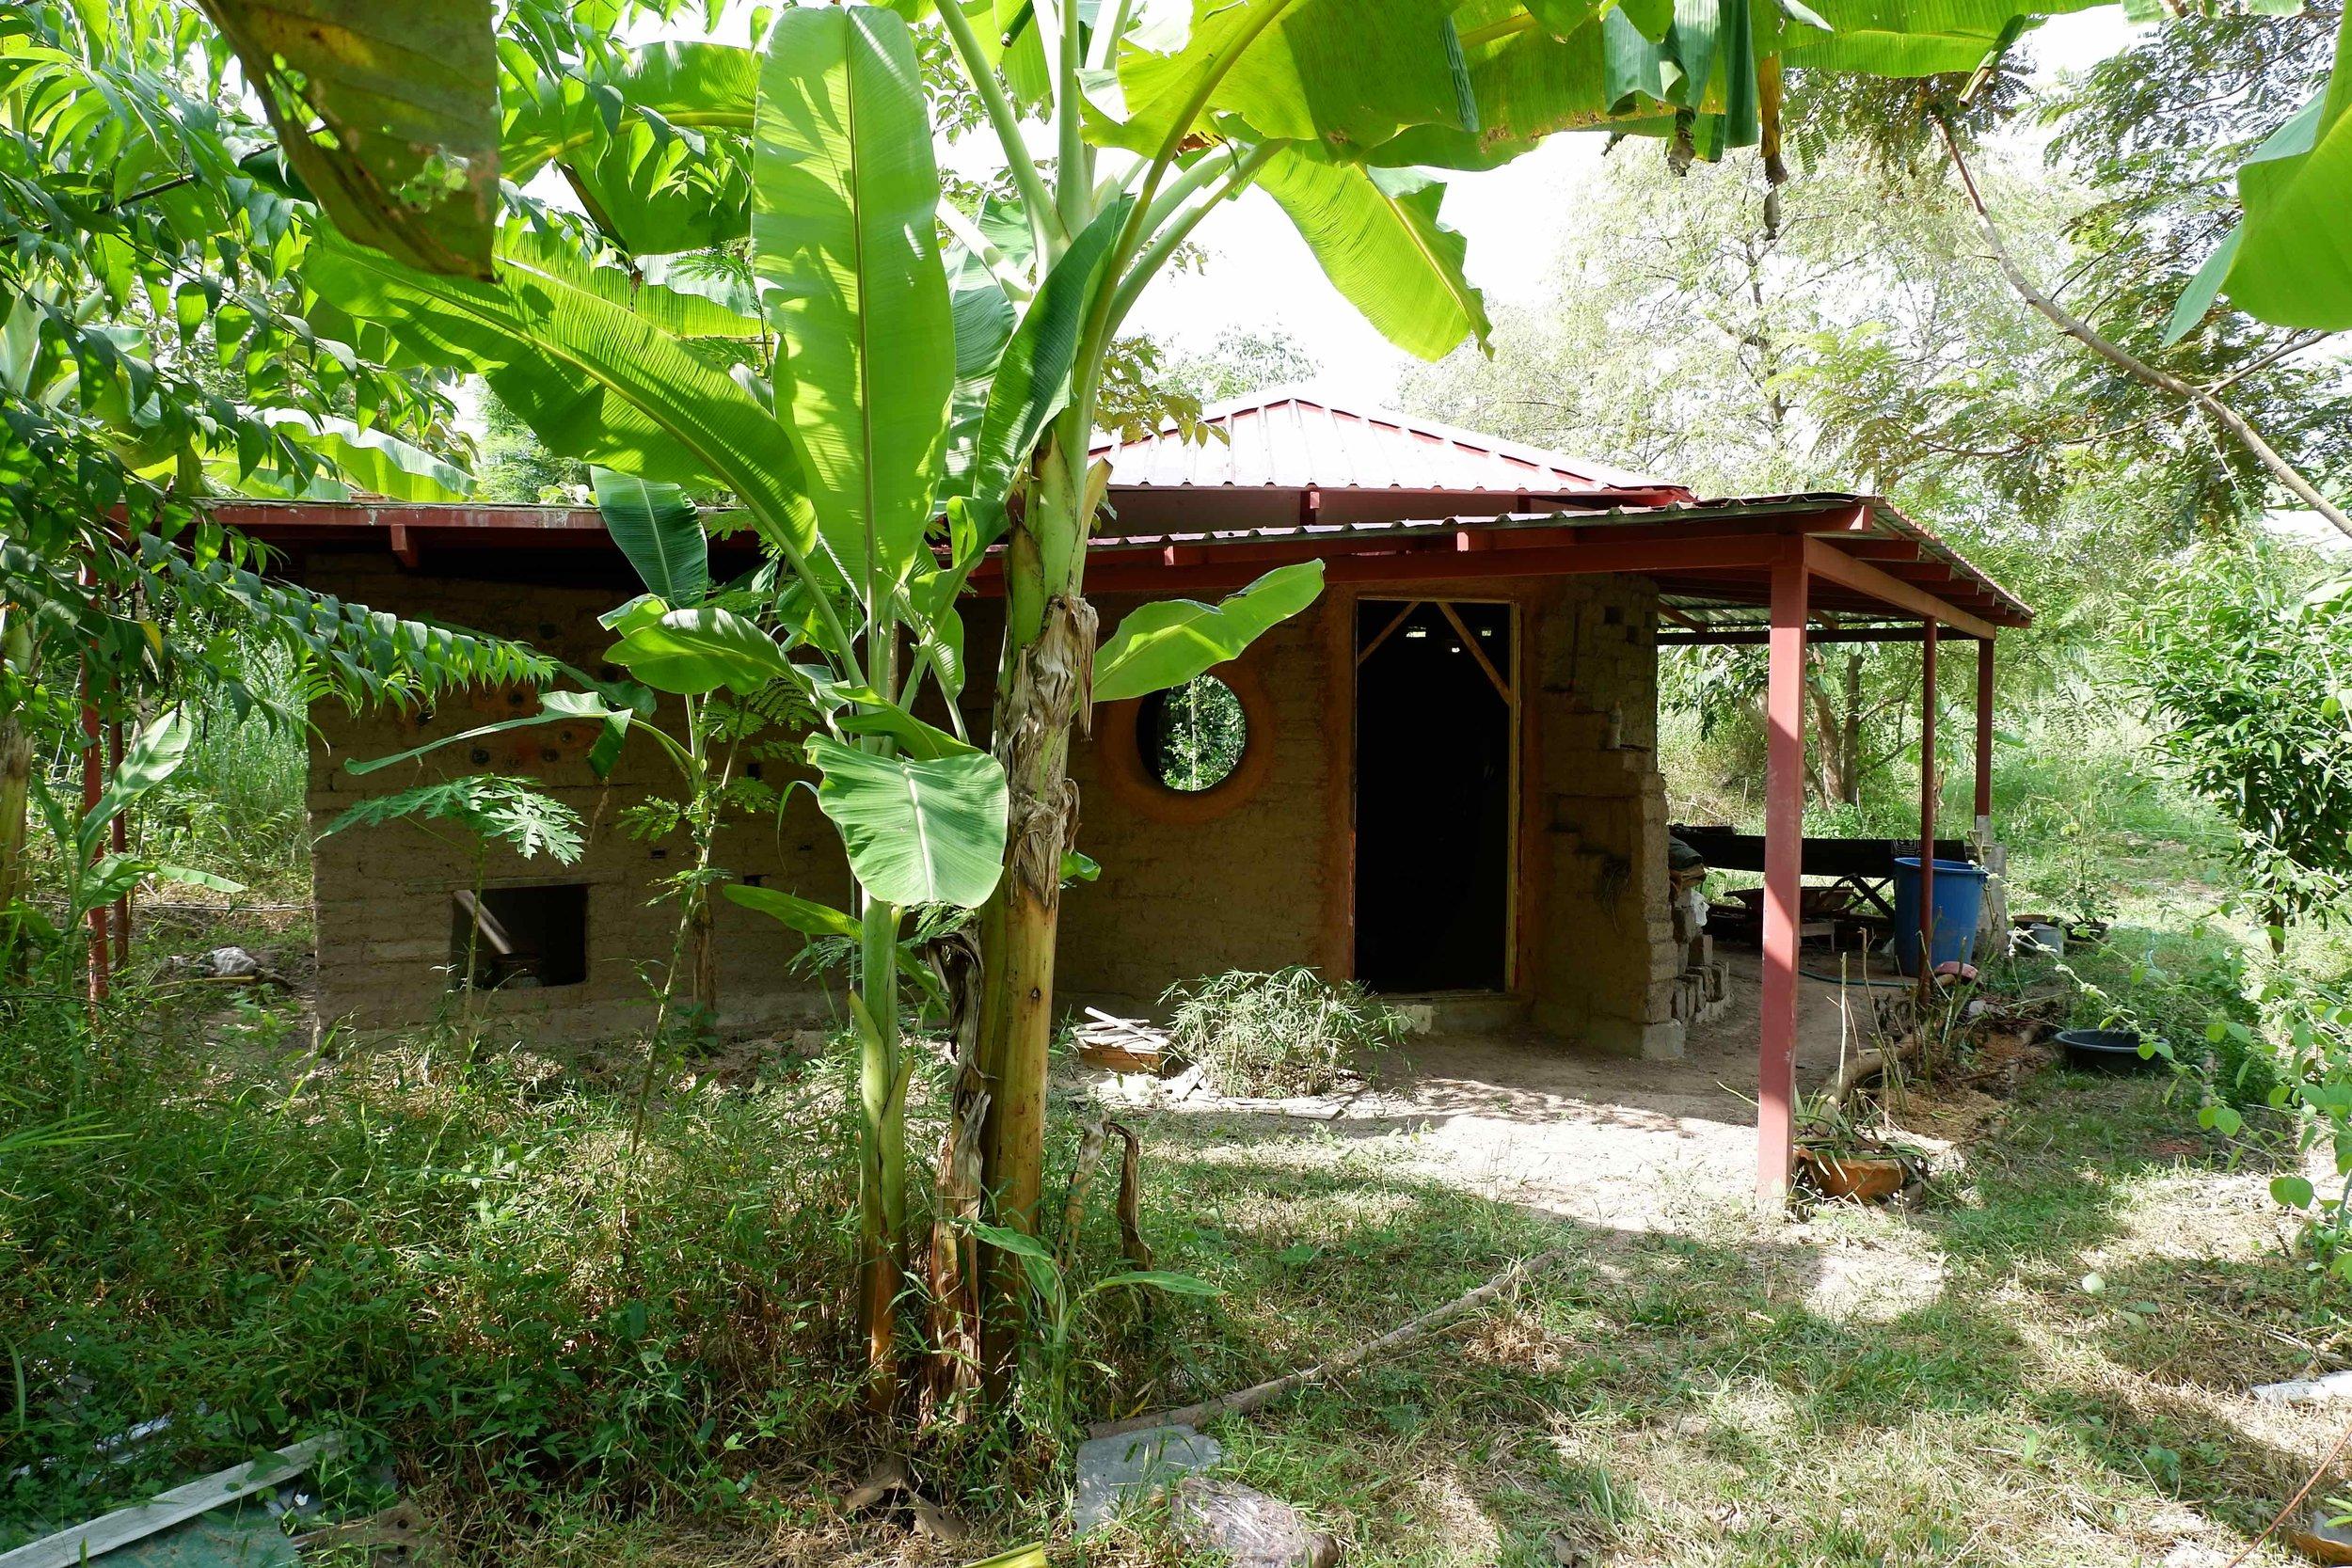 Ökologisches Bauen mit Permakultur in Thailand